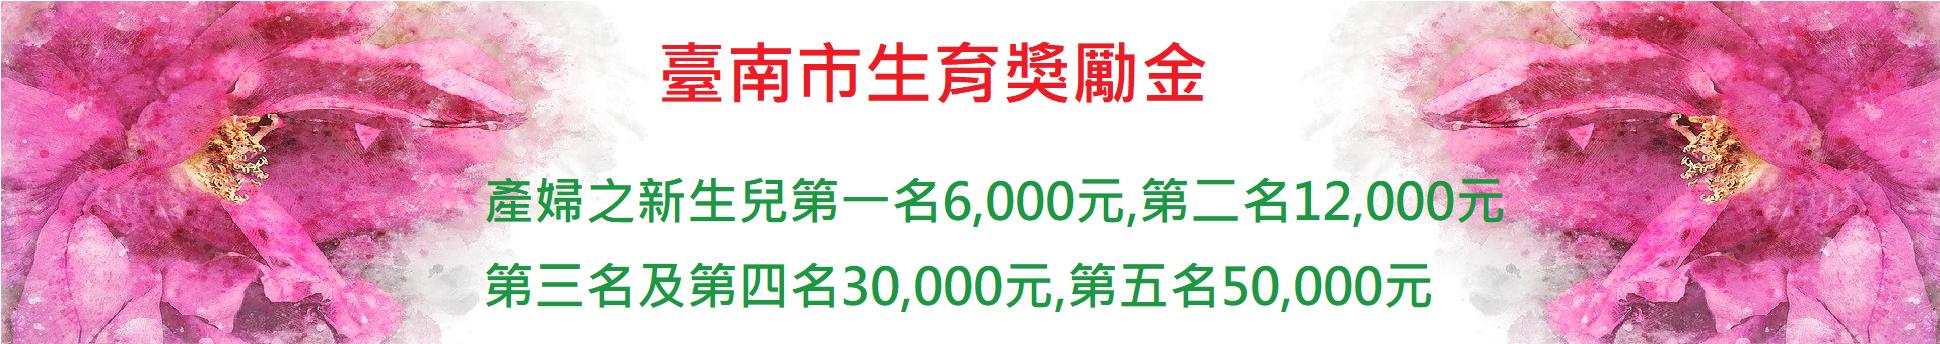 臺南市生育獎勵金